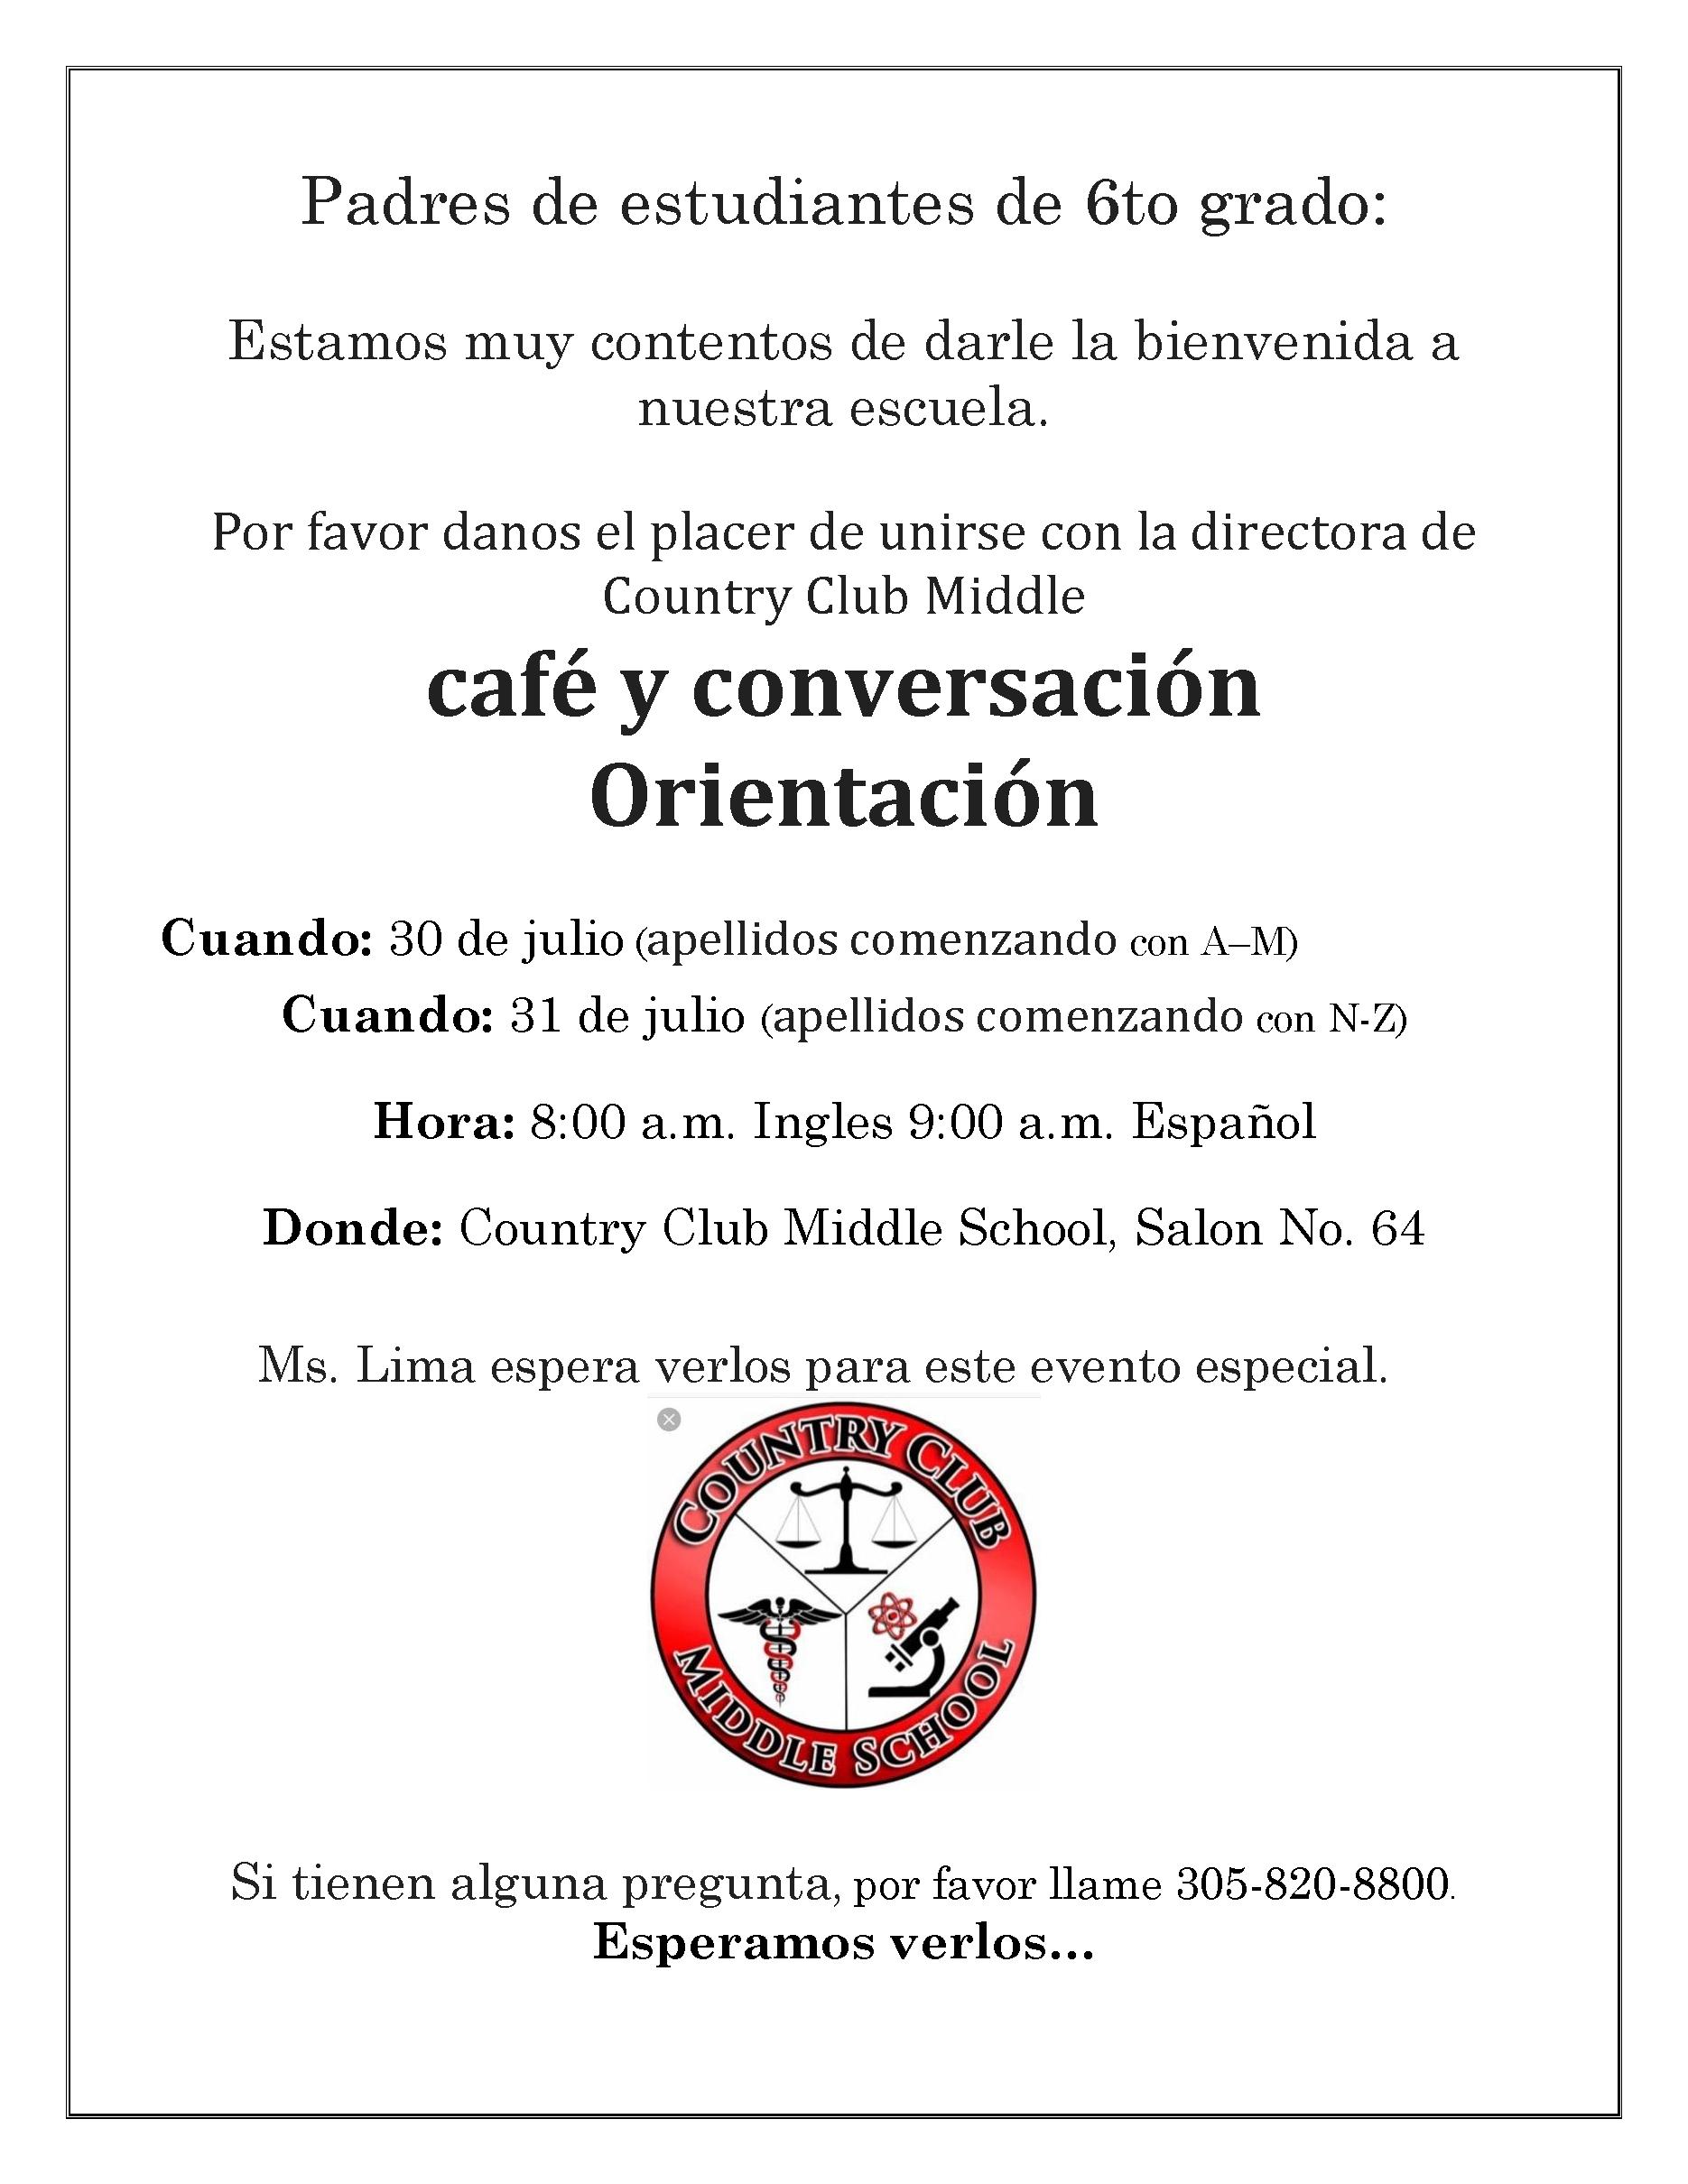 café y conversación Orientación (apellidos comenzando con A–M) @ Salon No. 64